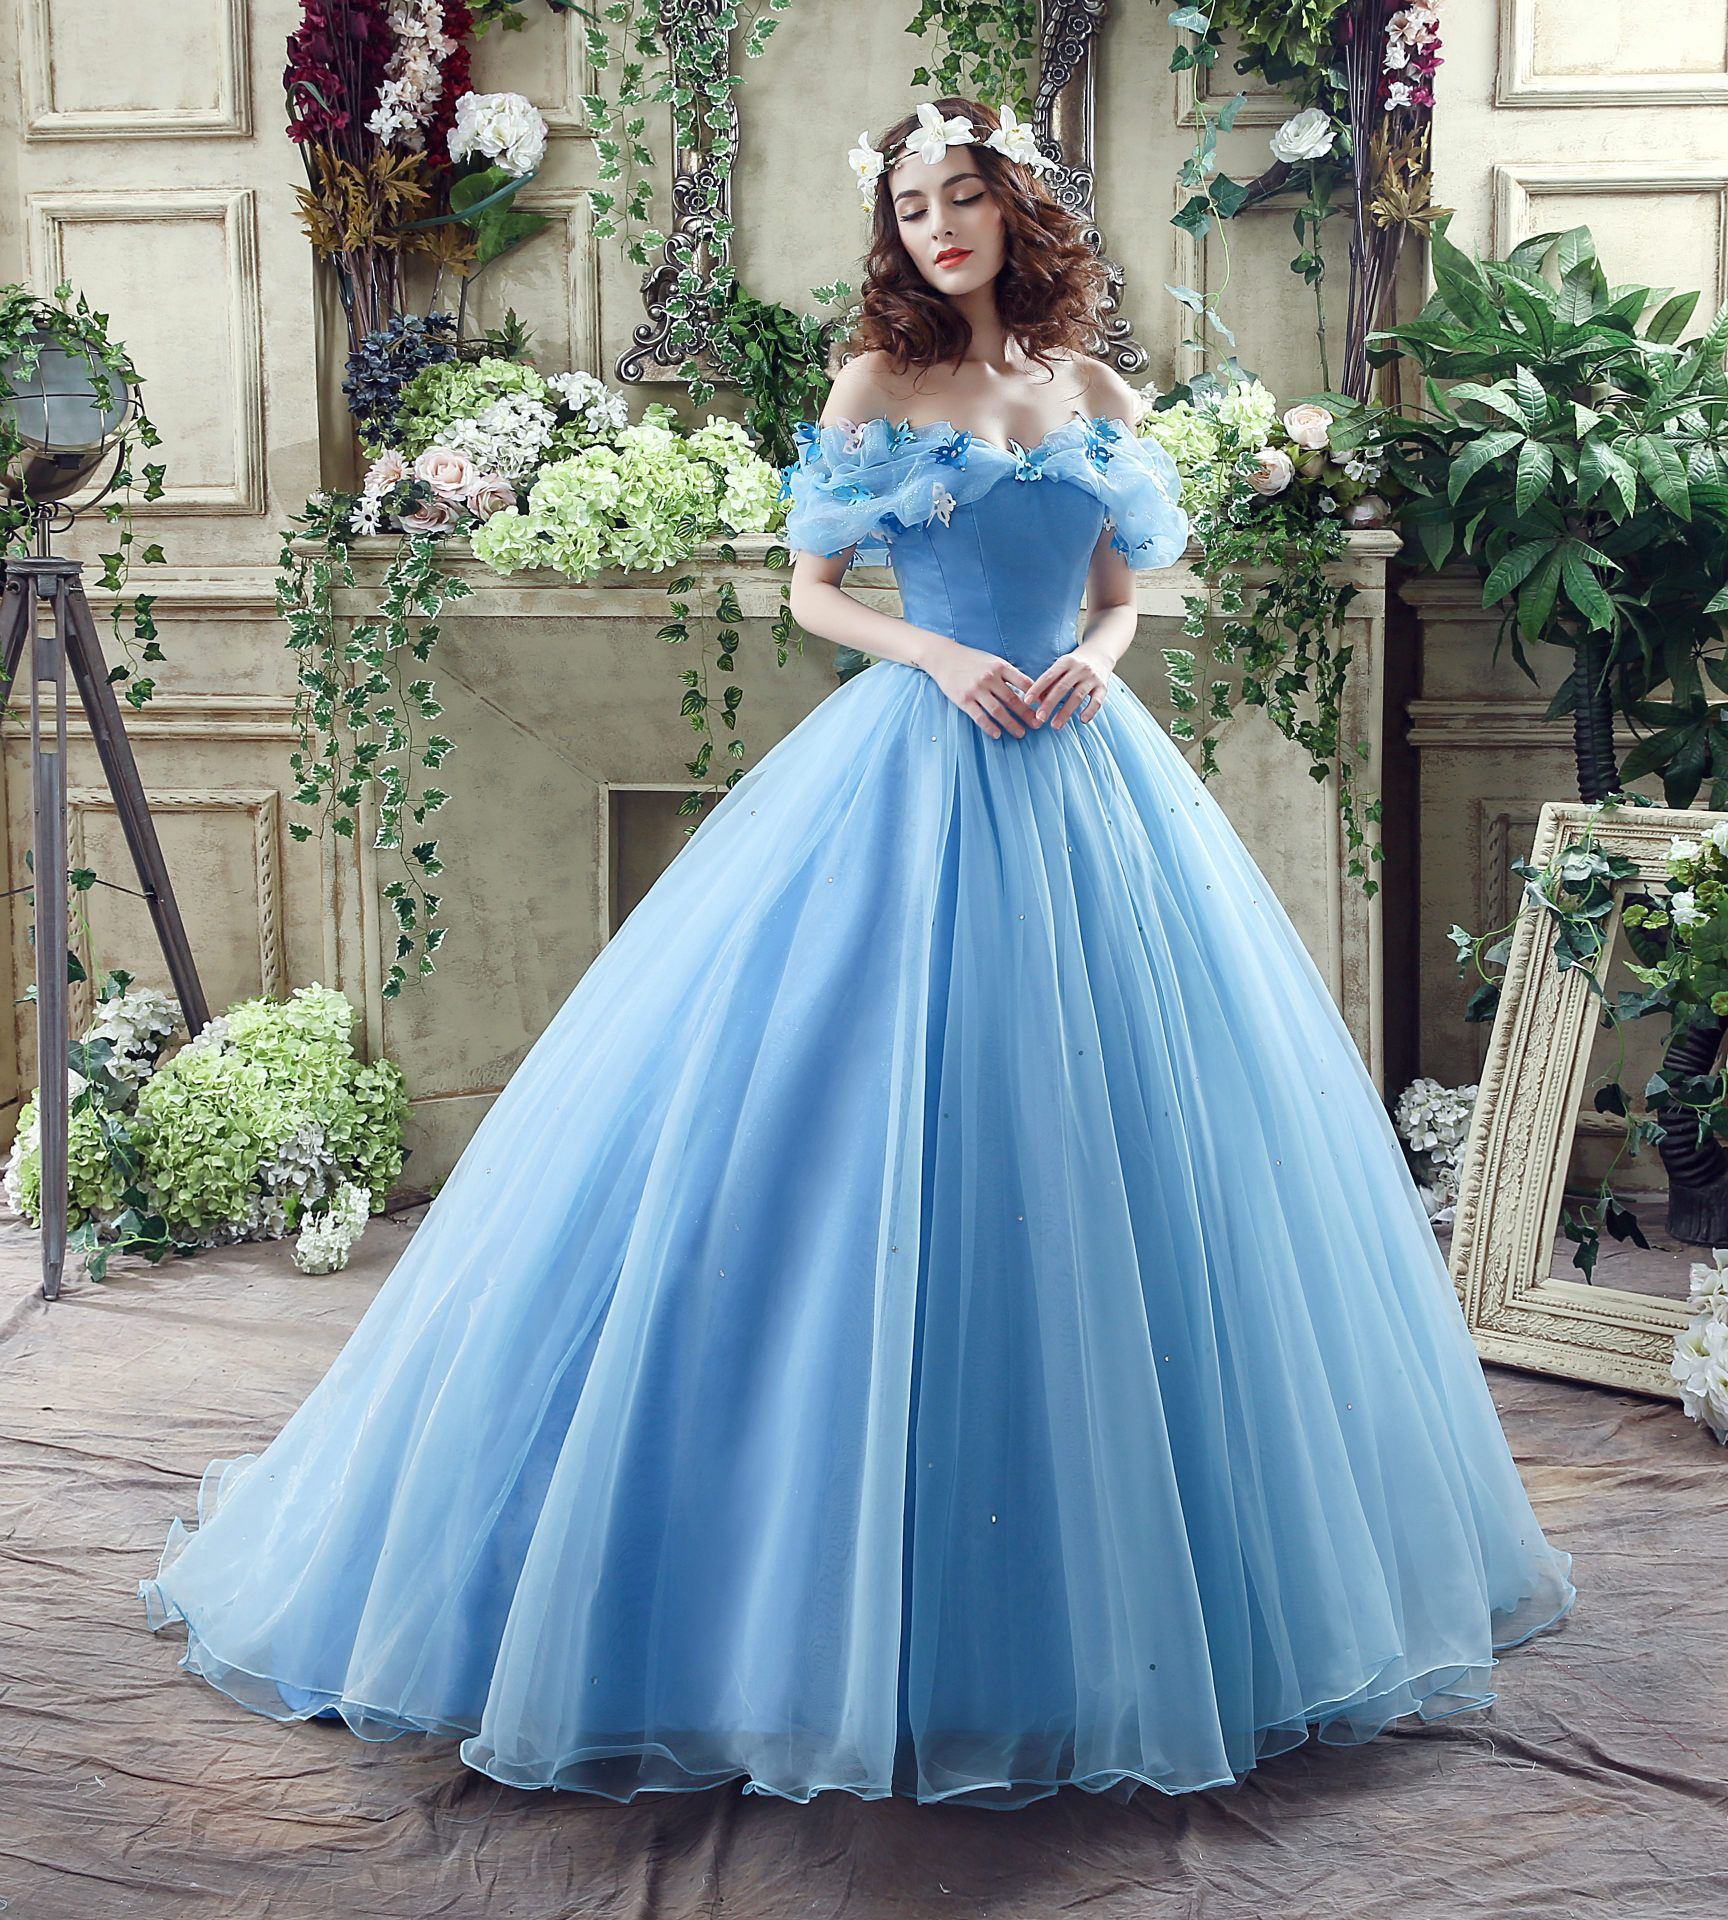 Cinderella Blue Dream Wedding,Weddings&Events | STYLE ON WEDDING ...